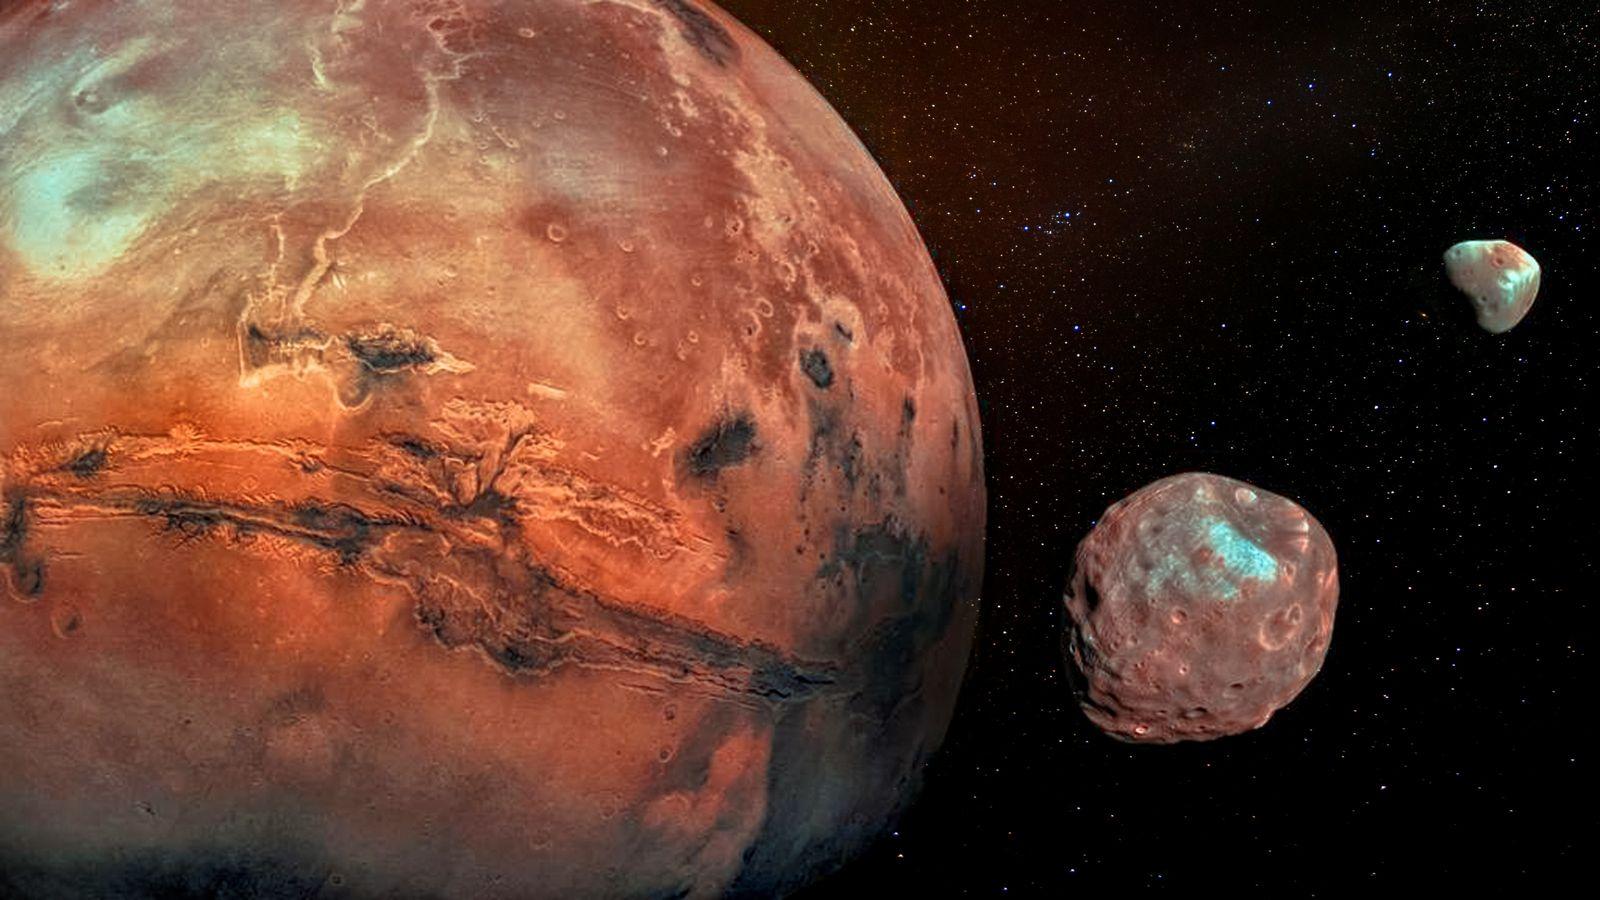 Représentation de Mars et ses deux lunes : Phobos et Déimos